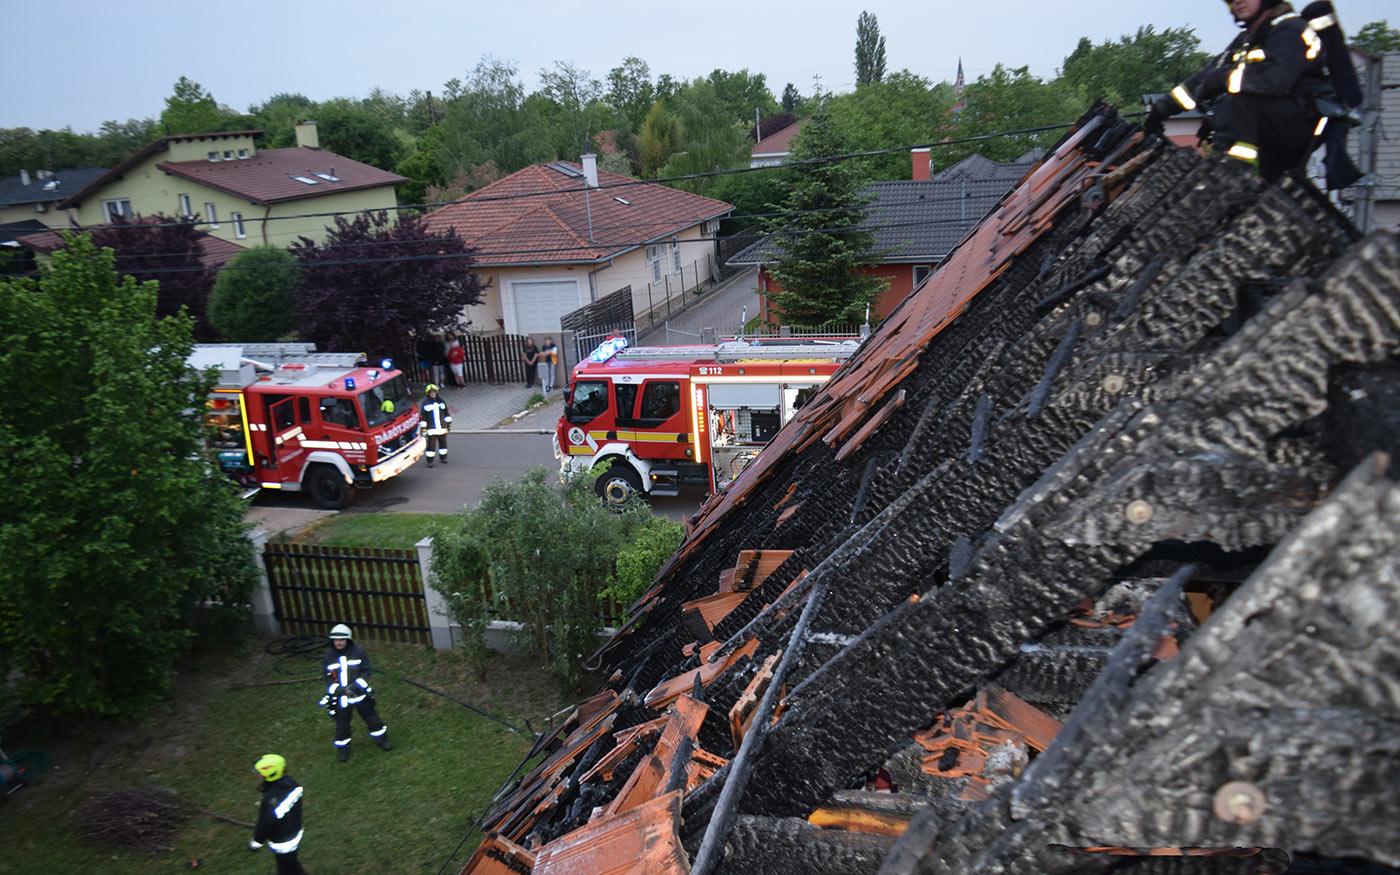 Lakhatatlanná vált a kedden Dunaharasztiban leégett családi ház